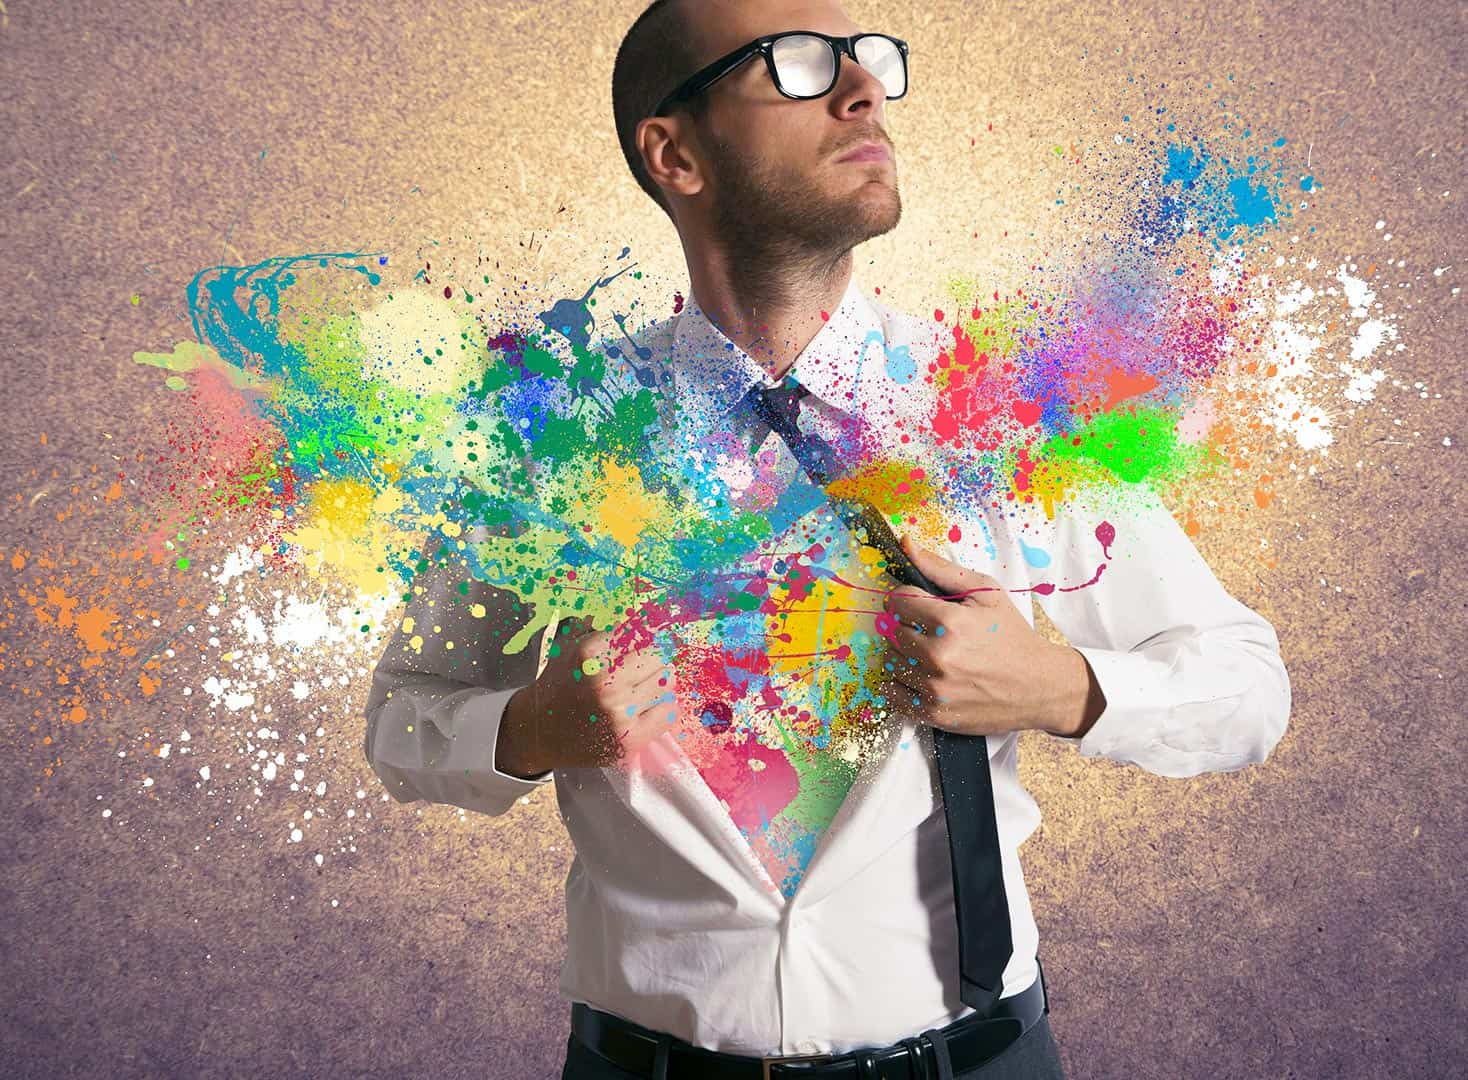 Творческая личность или типичный потребитель: интересный тест